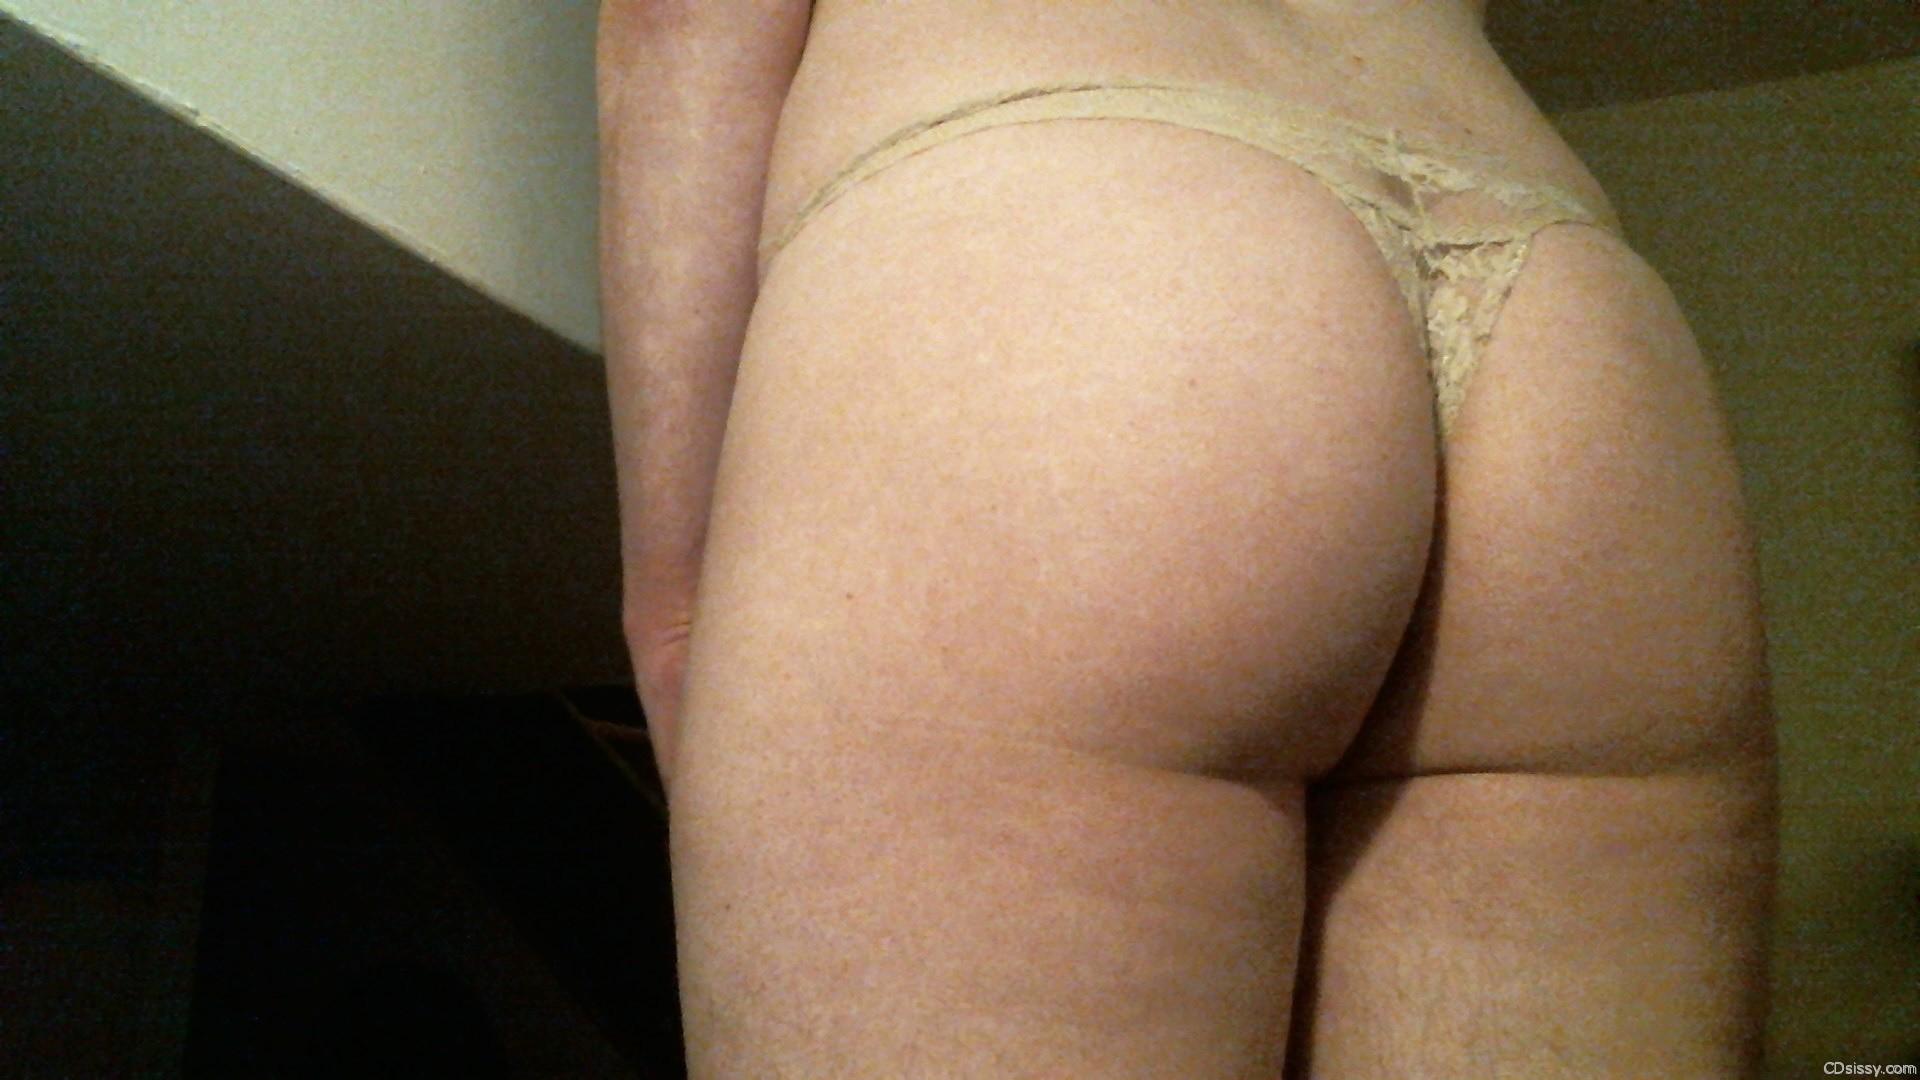 Hottie in bra and panties